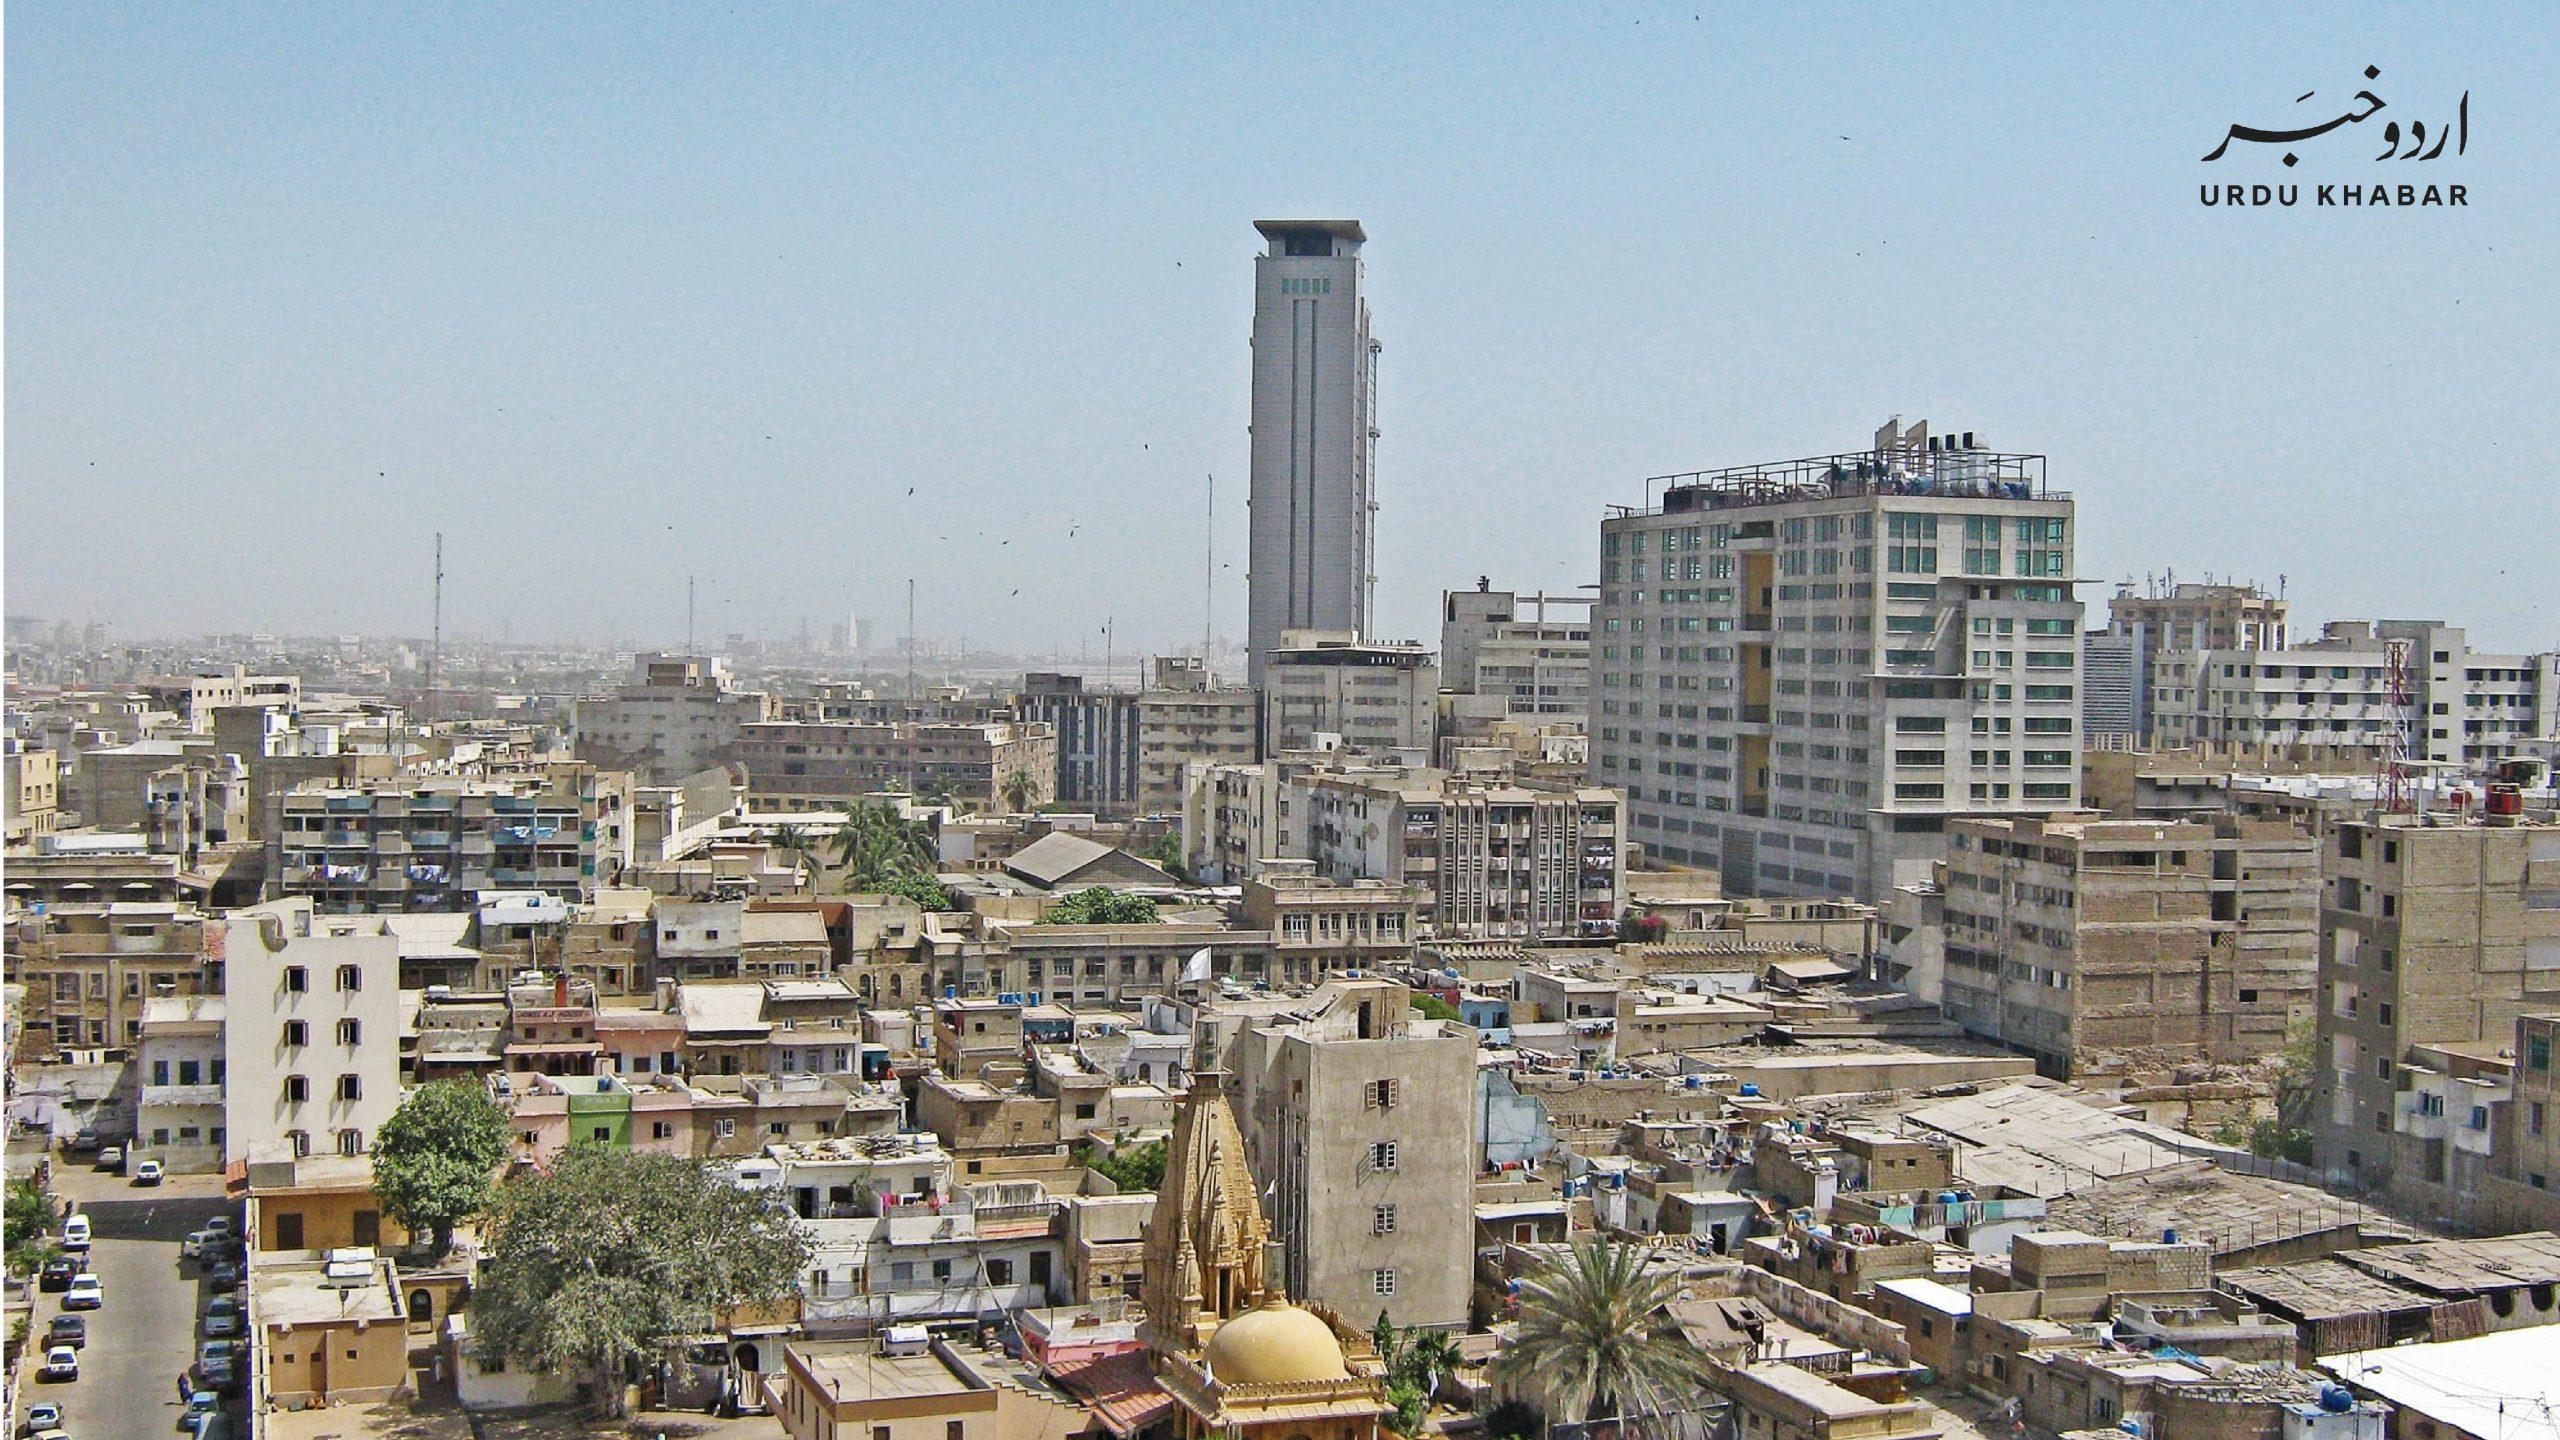 کراچی ٹرانسفیریشن پلان میں ایک سو پراجیکٹ کو مکمل کرنا شامل ہے